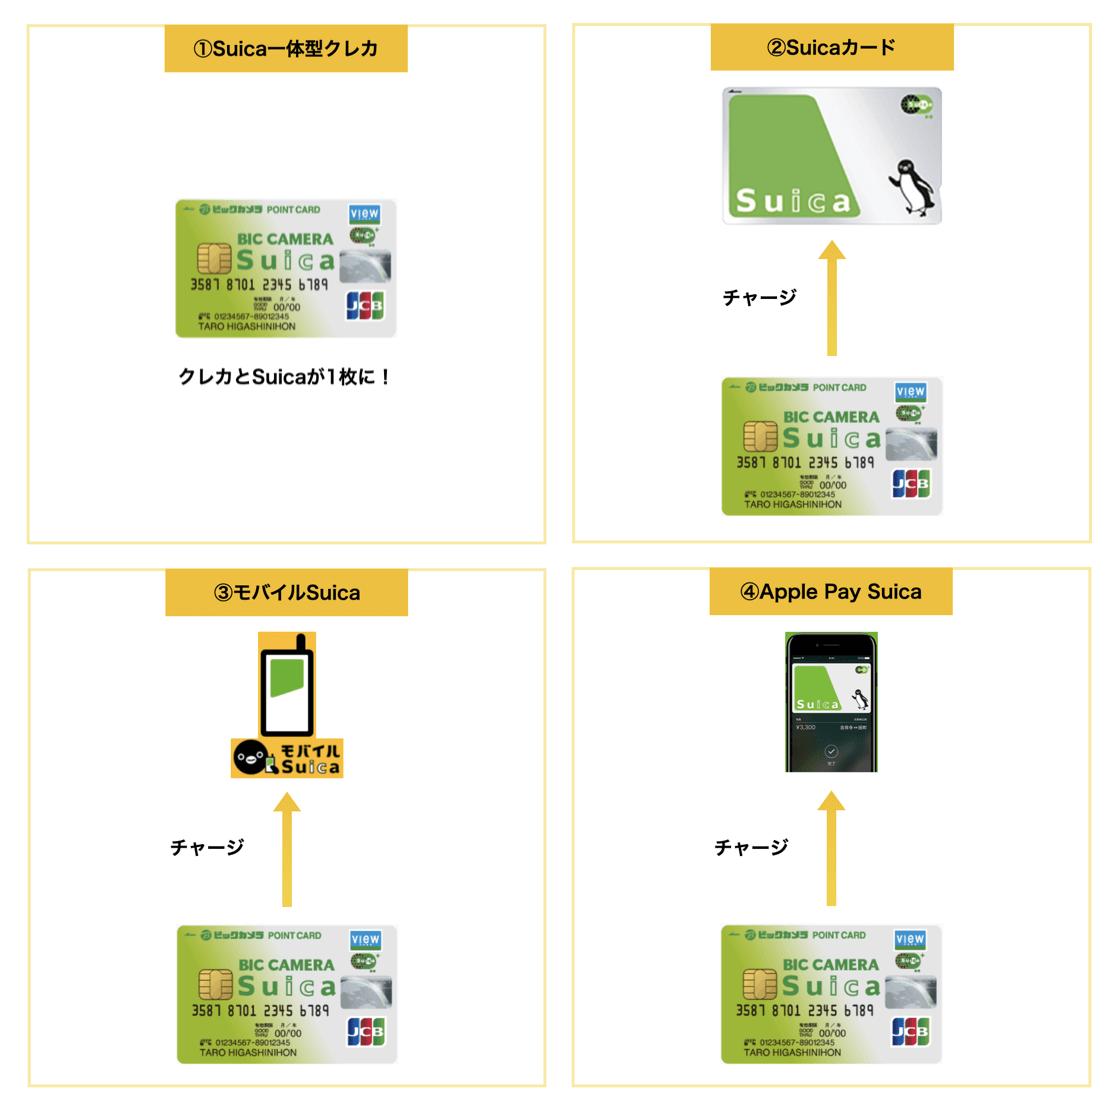 クレジットカードと結びつく4つのタイプのSuica